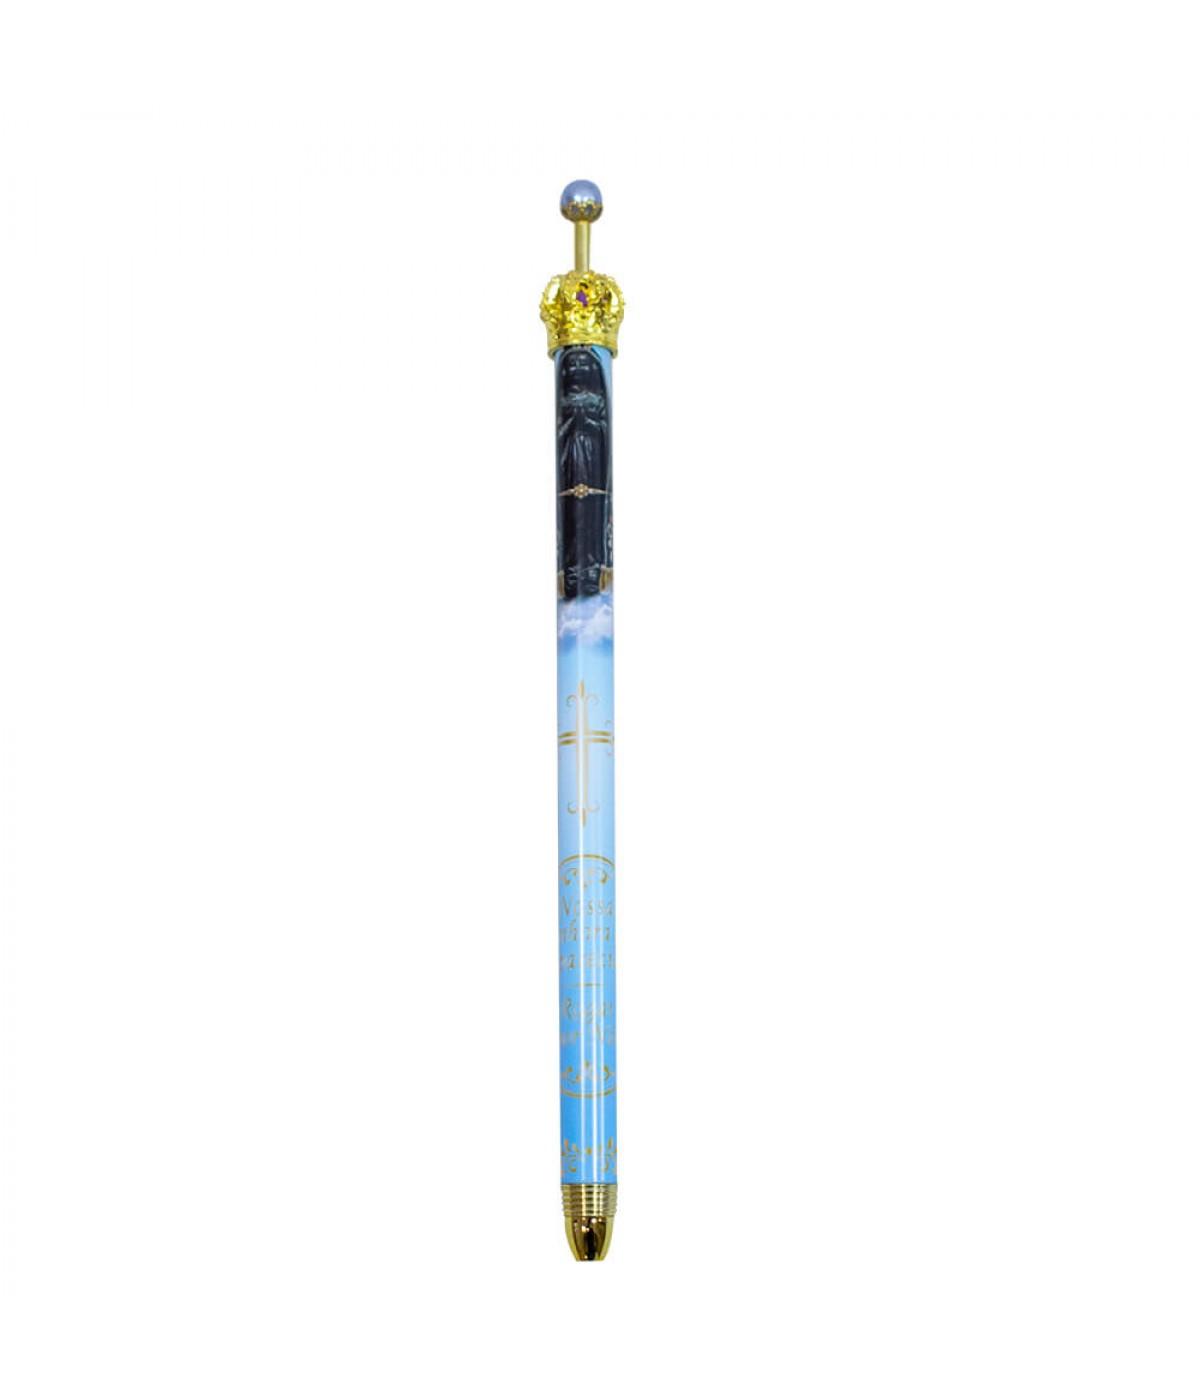 Caneta Azul Claro Metal Rollerball Religiosa Nossa Senhora Aparecida Coroa 0.7mm